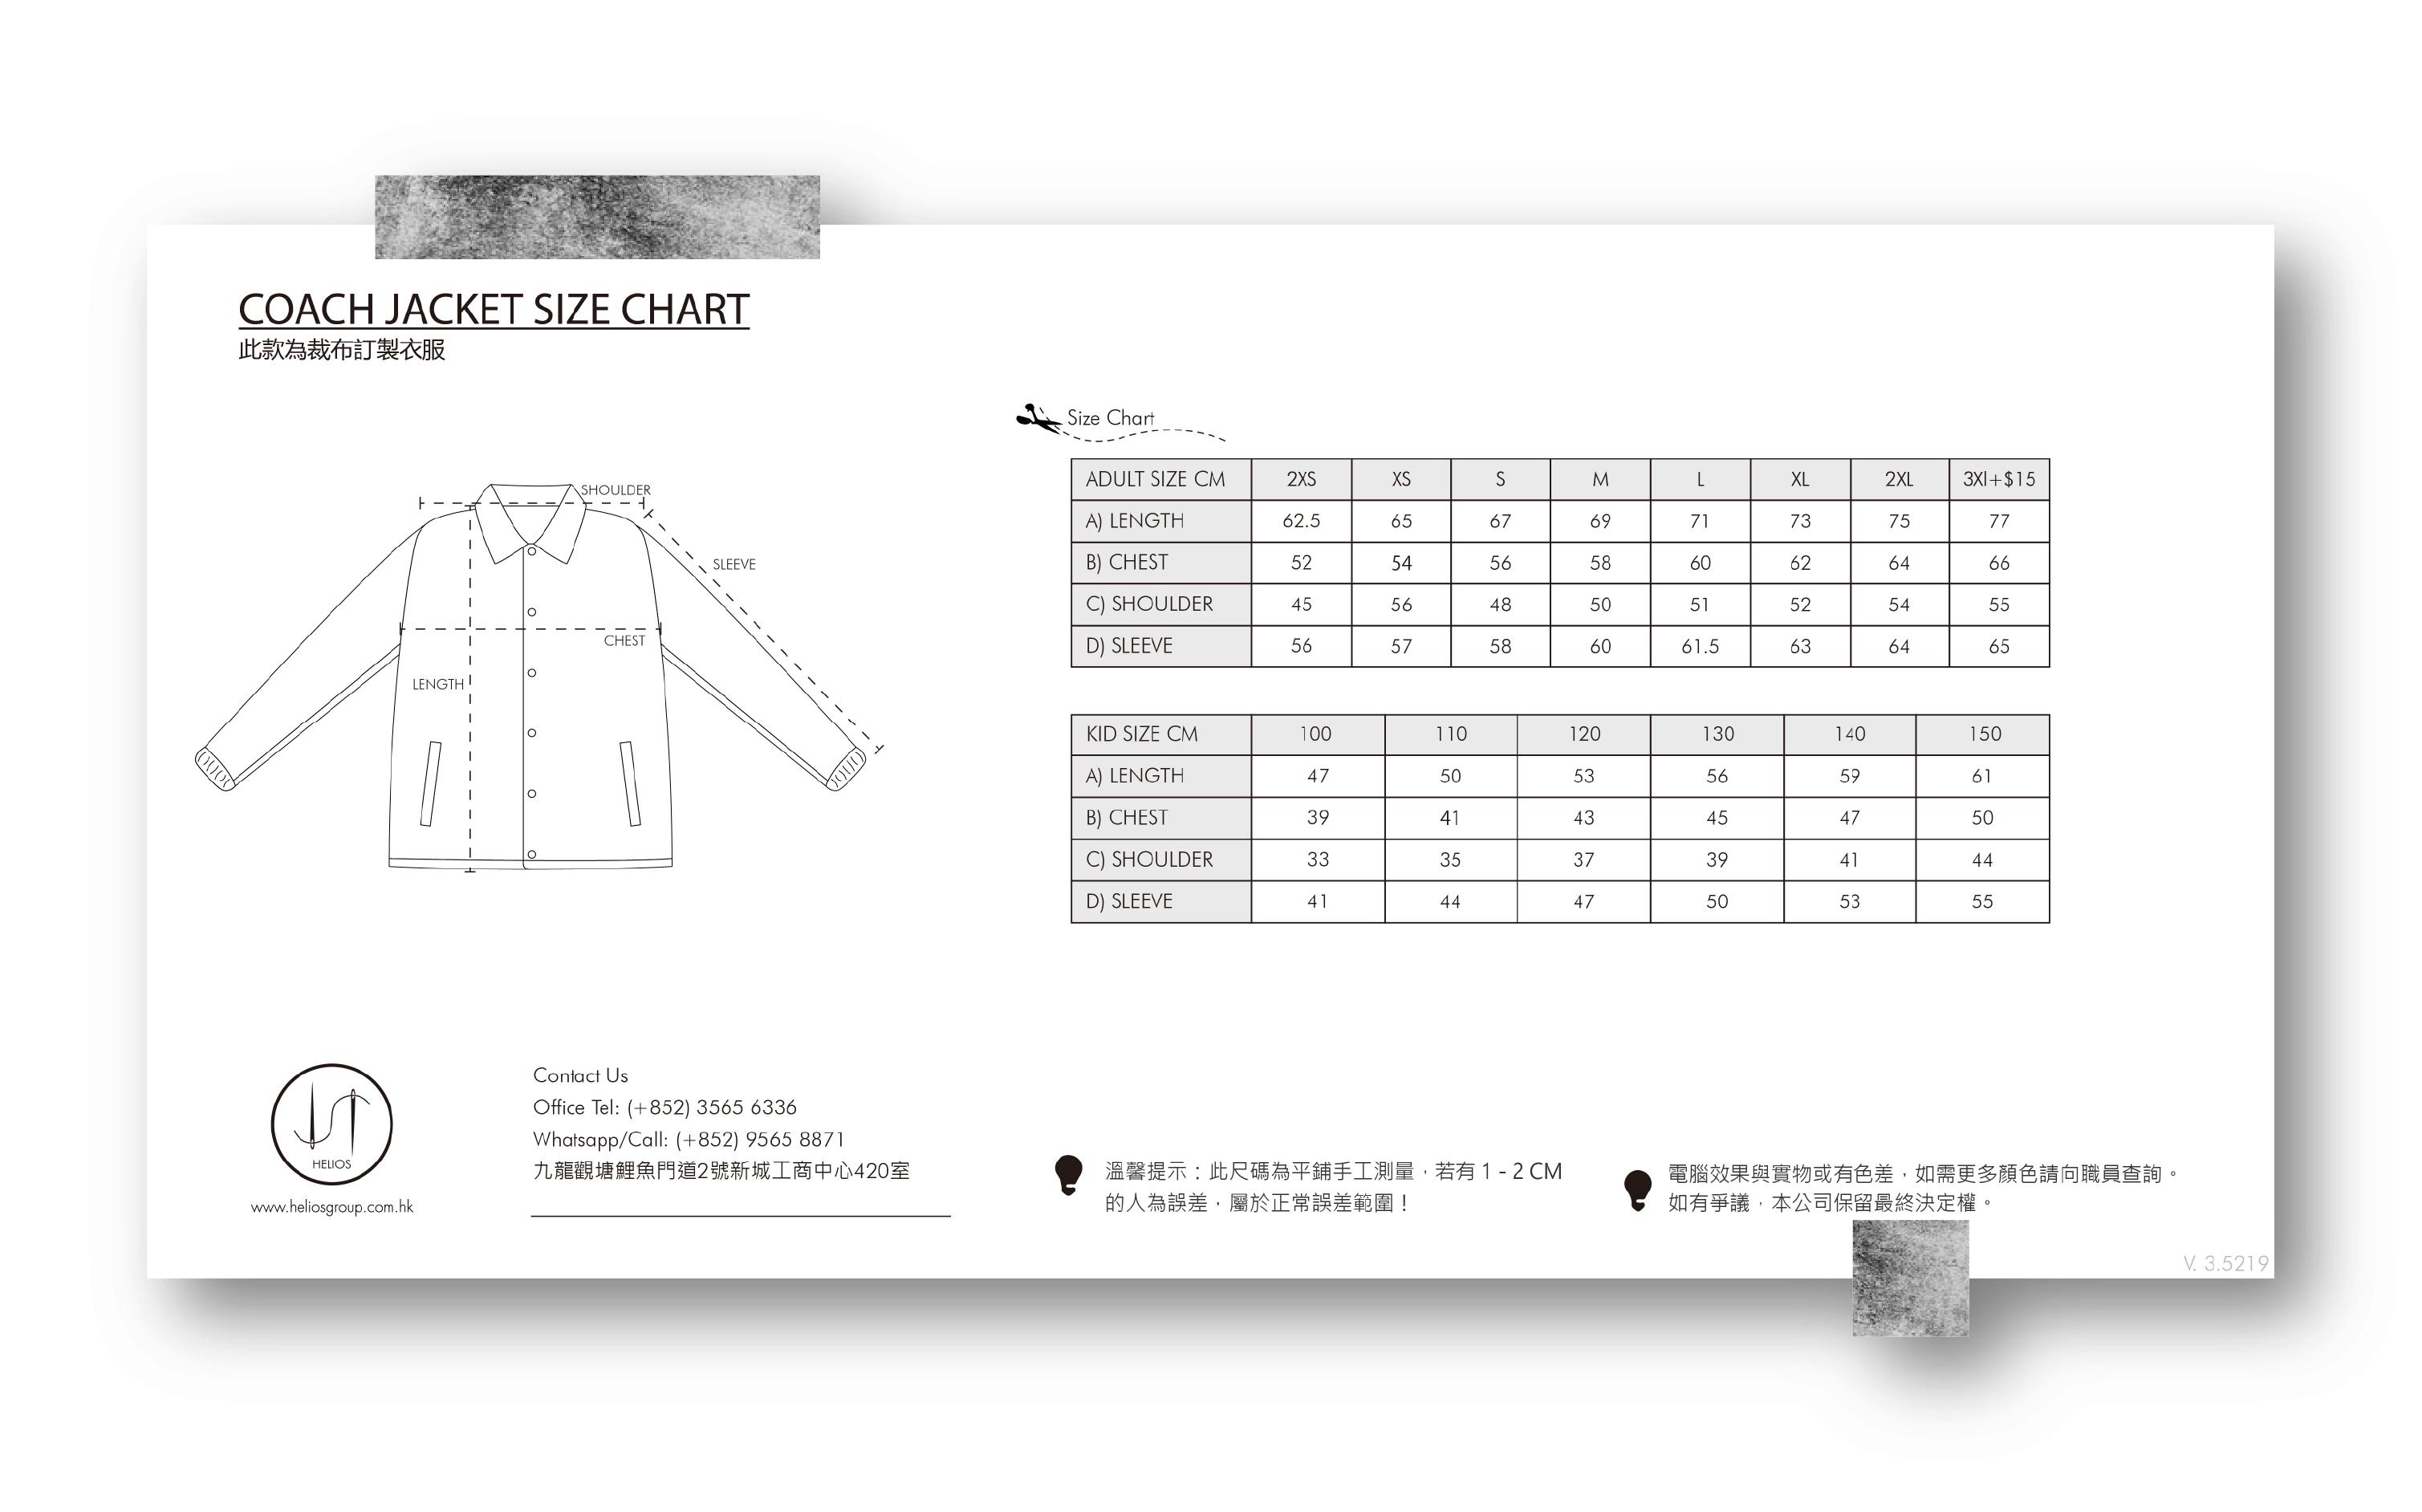 裁布製 教練外套 尺碼表